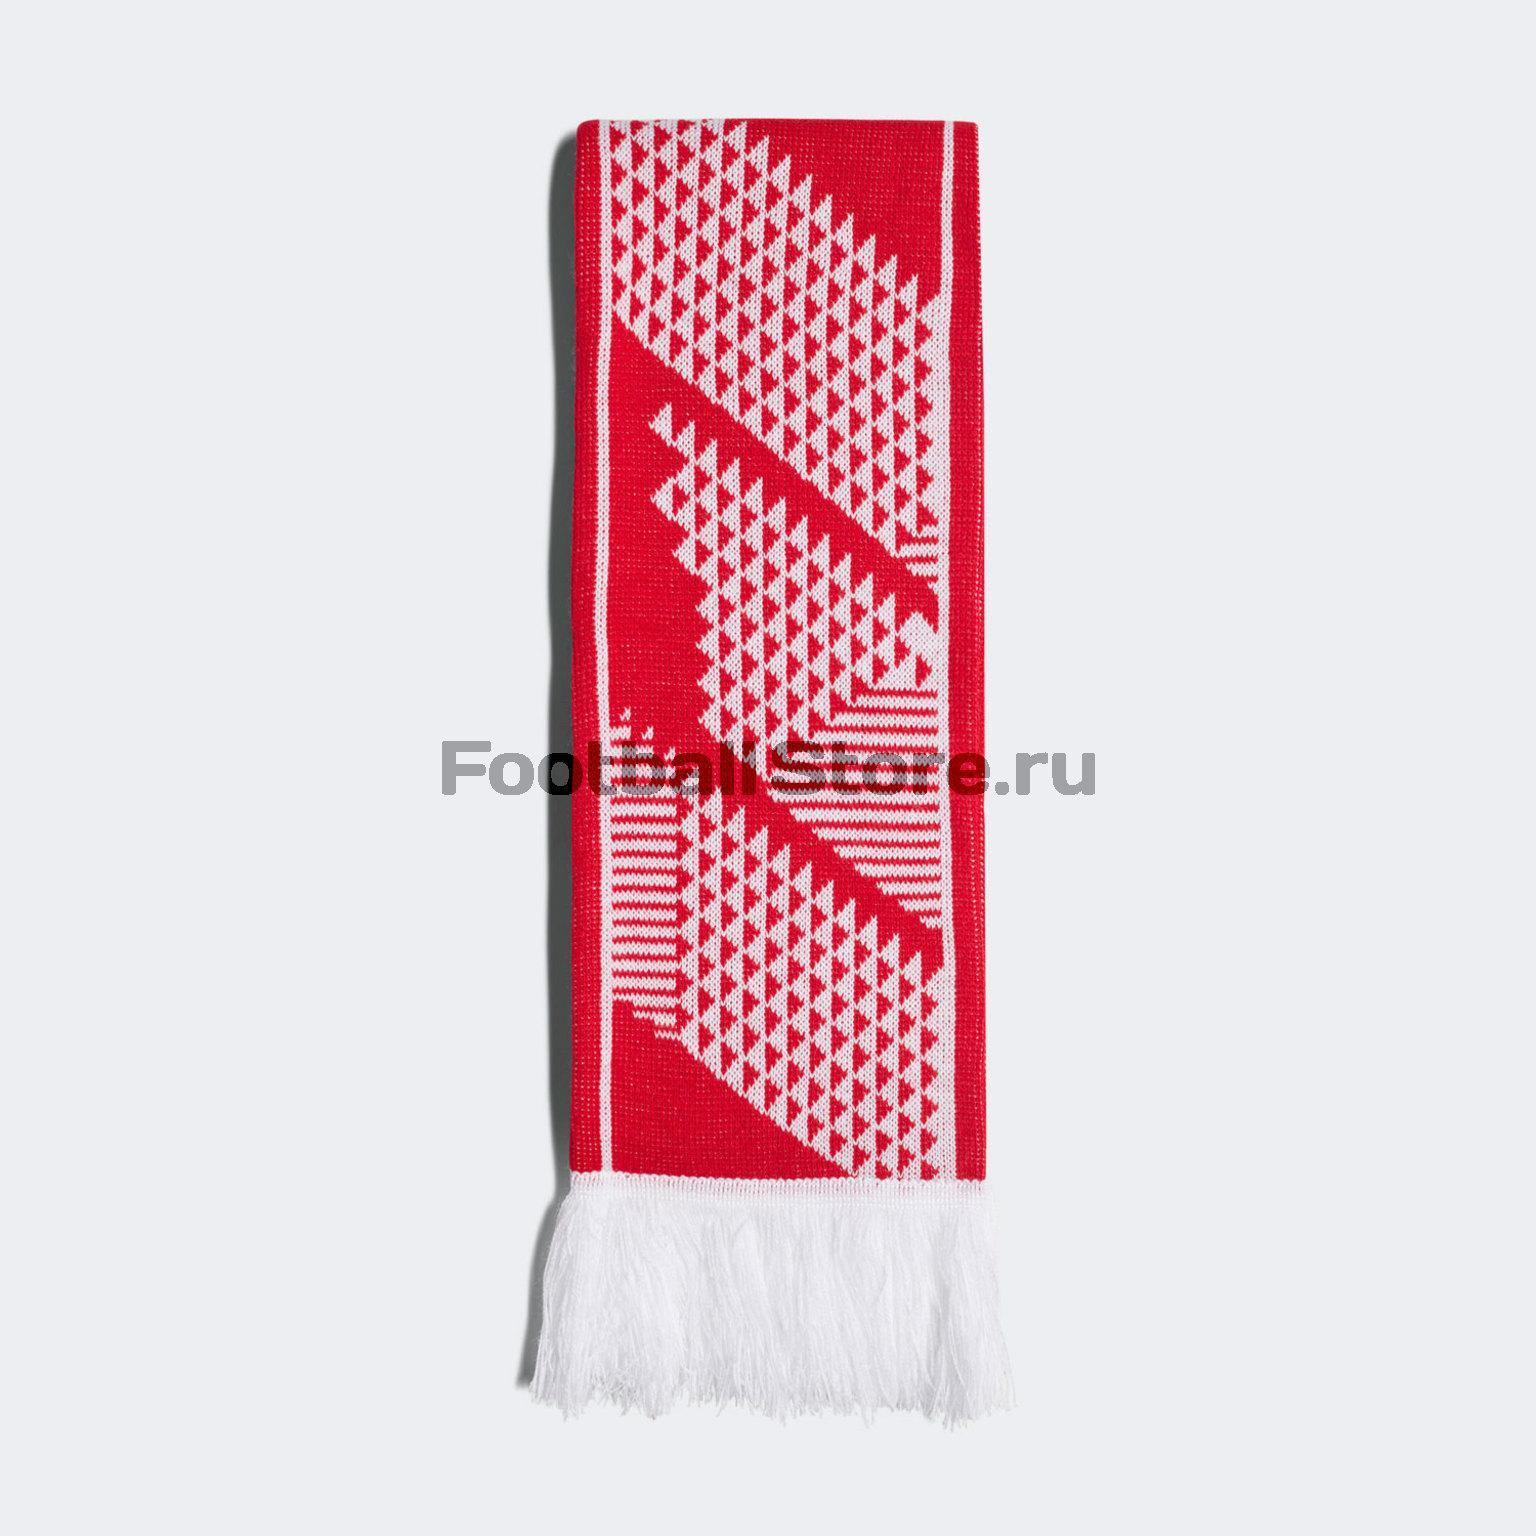 00cd73b837ea Шарф Adidas Russia CF Scarf CF5173 - купить в интернет-магазине  footballstore